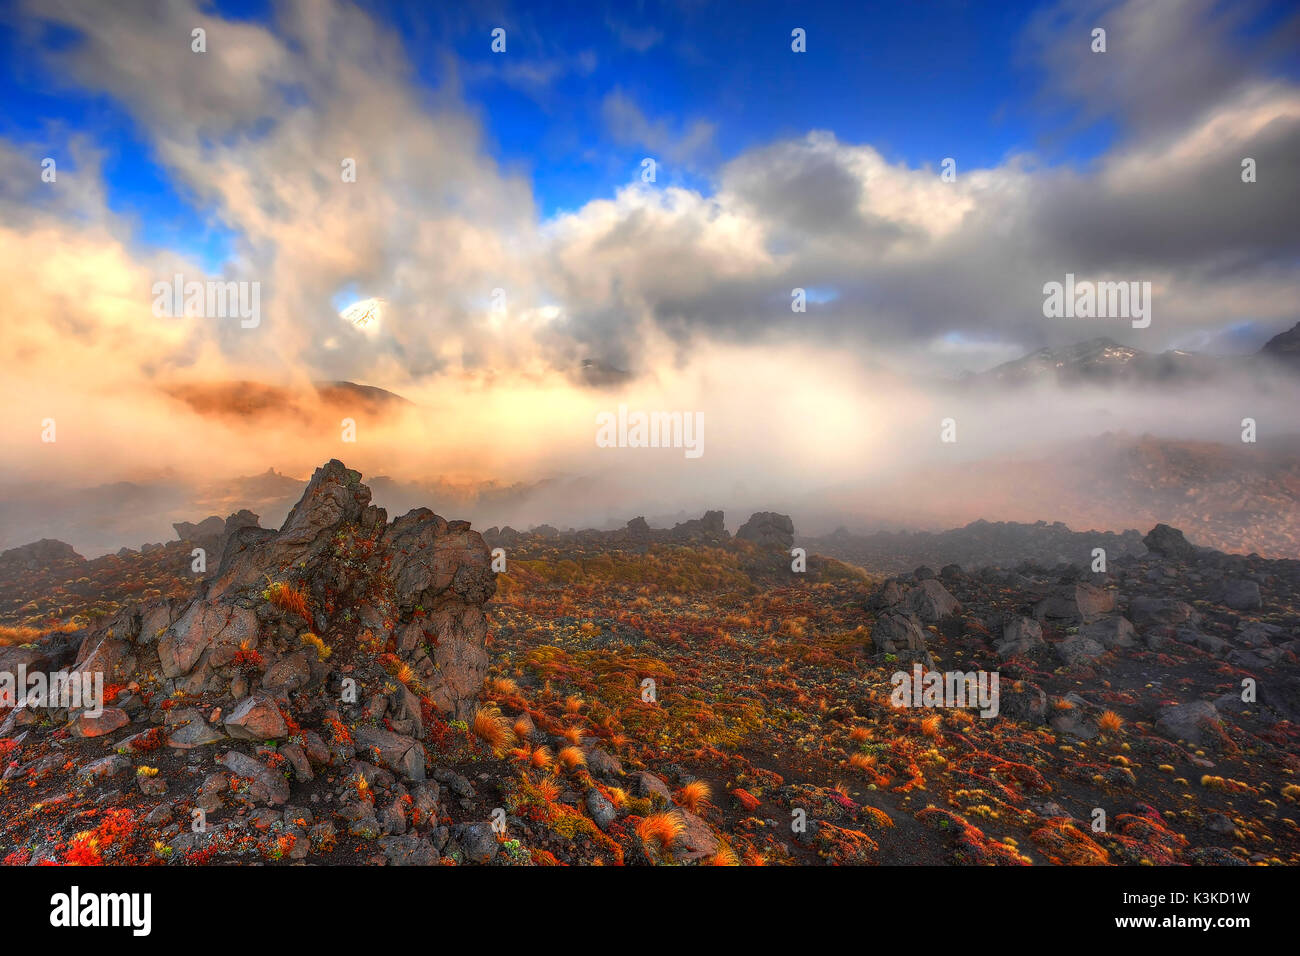 Morgen Nebel und Licht Stimmung in der Oturere Tal, Tongariro National Park, Neuseeland. Wolken ziehen über Cleft-kinder Vulkangestein, mit unterschiedlichen Gras, Flechten und Flechten. Stockbild